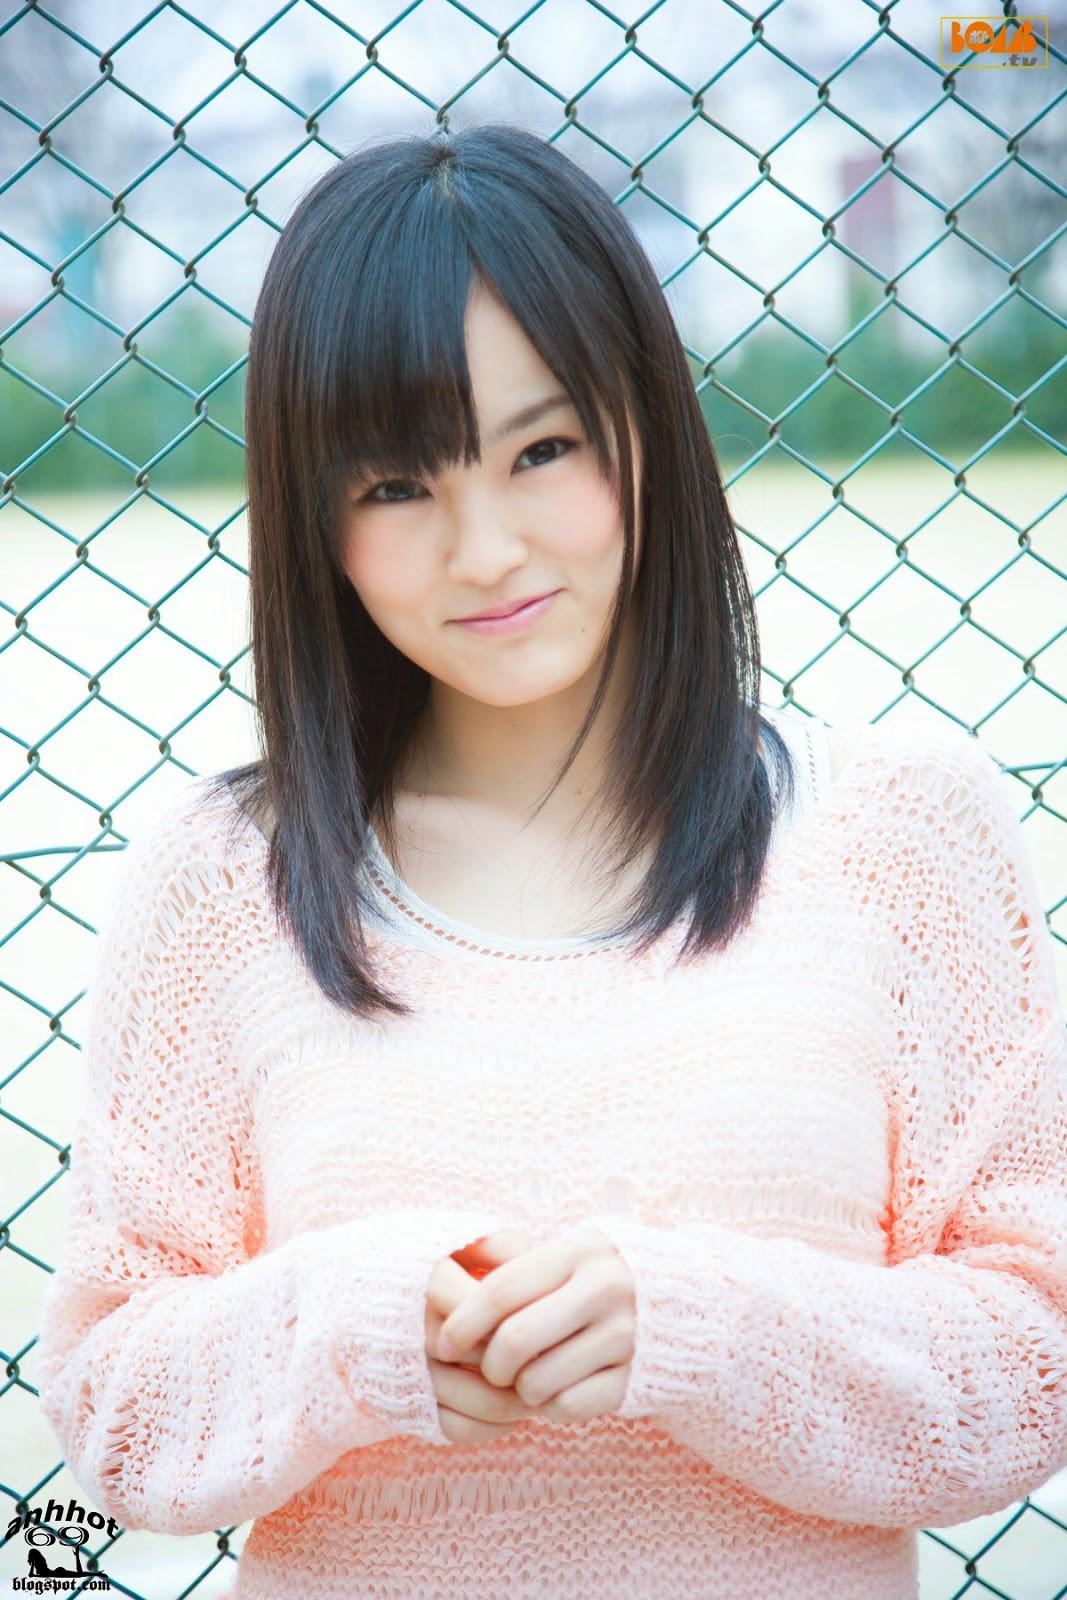 sayaka-yamamoto-01316550